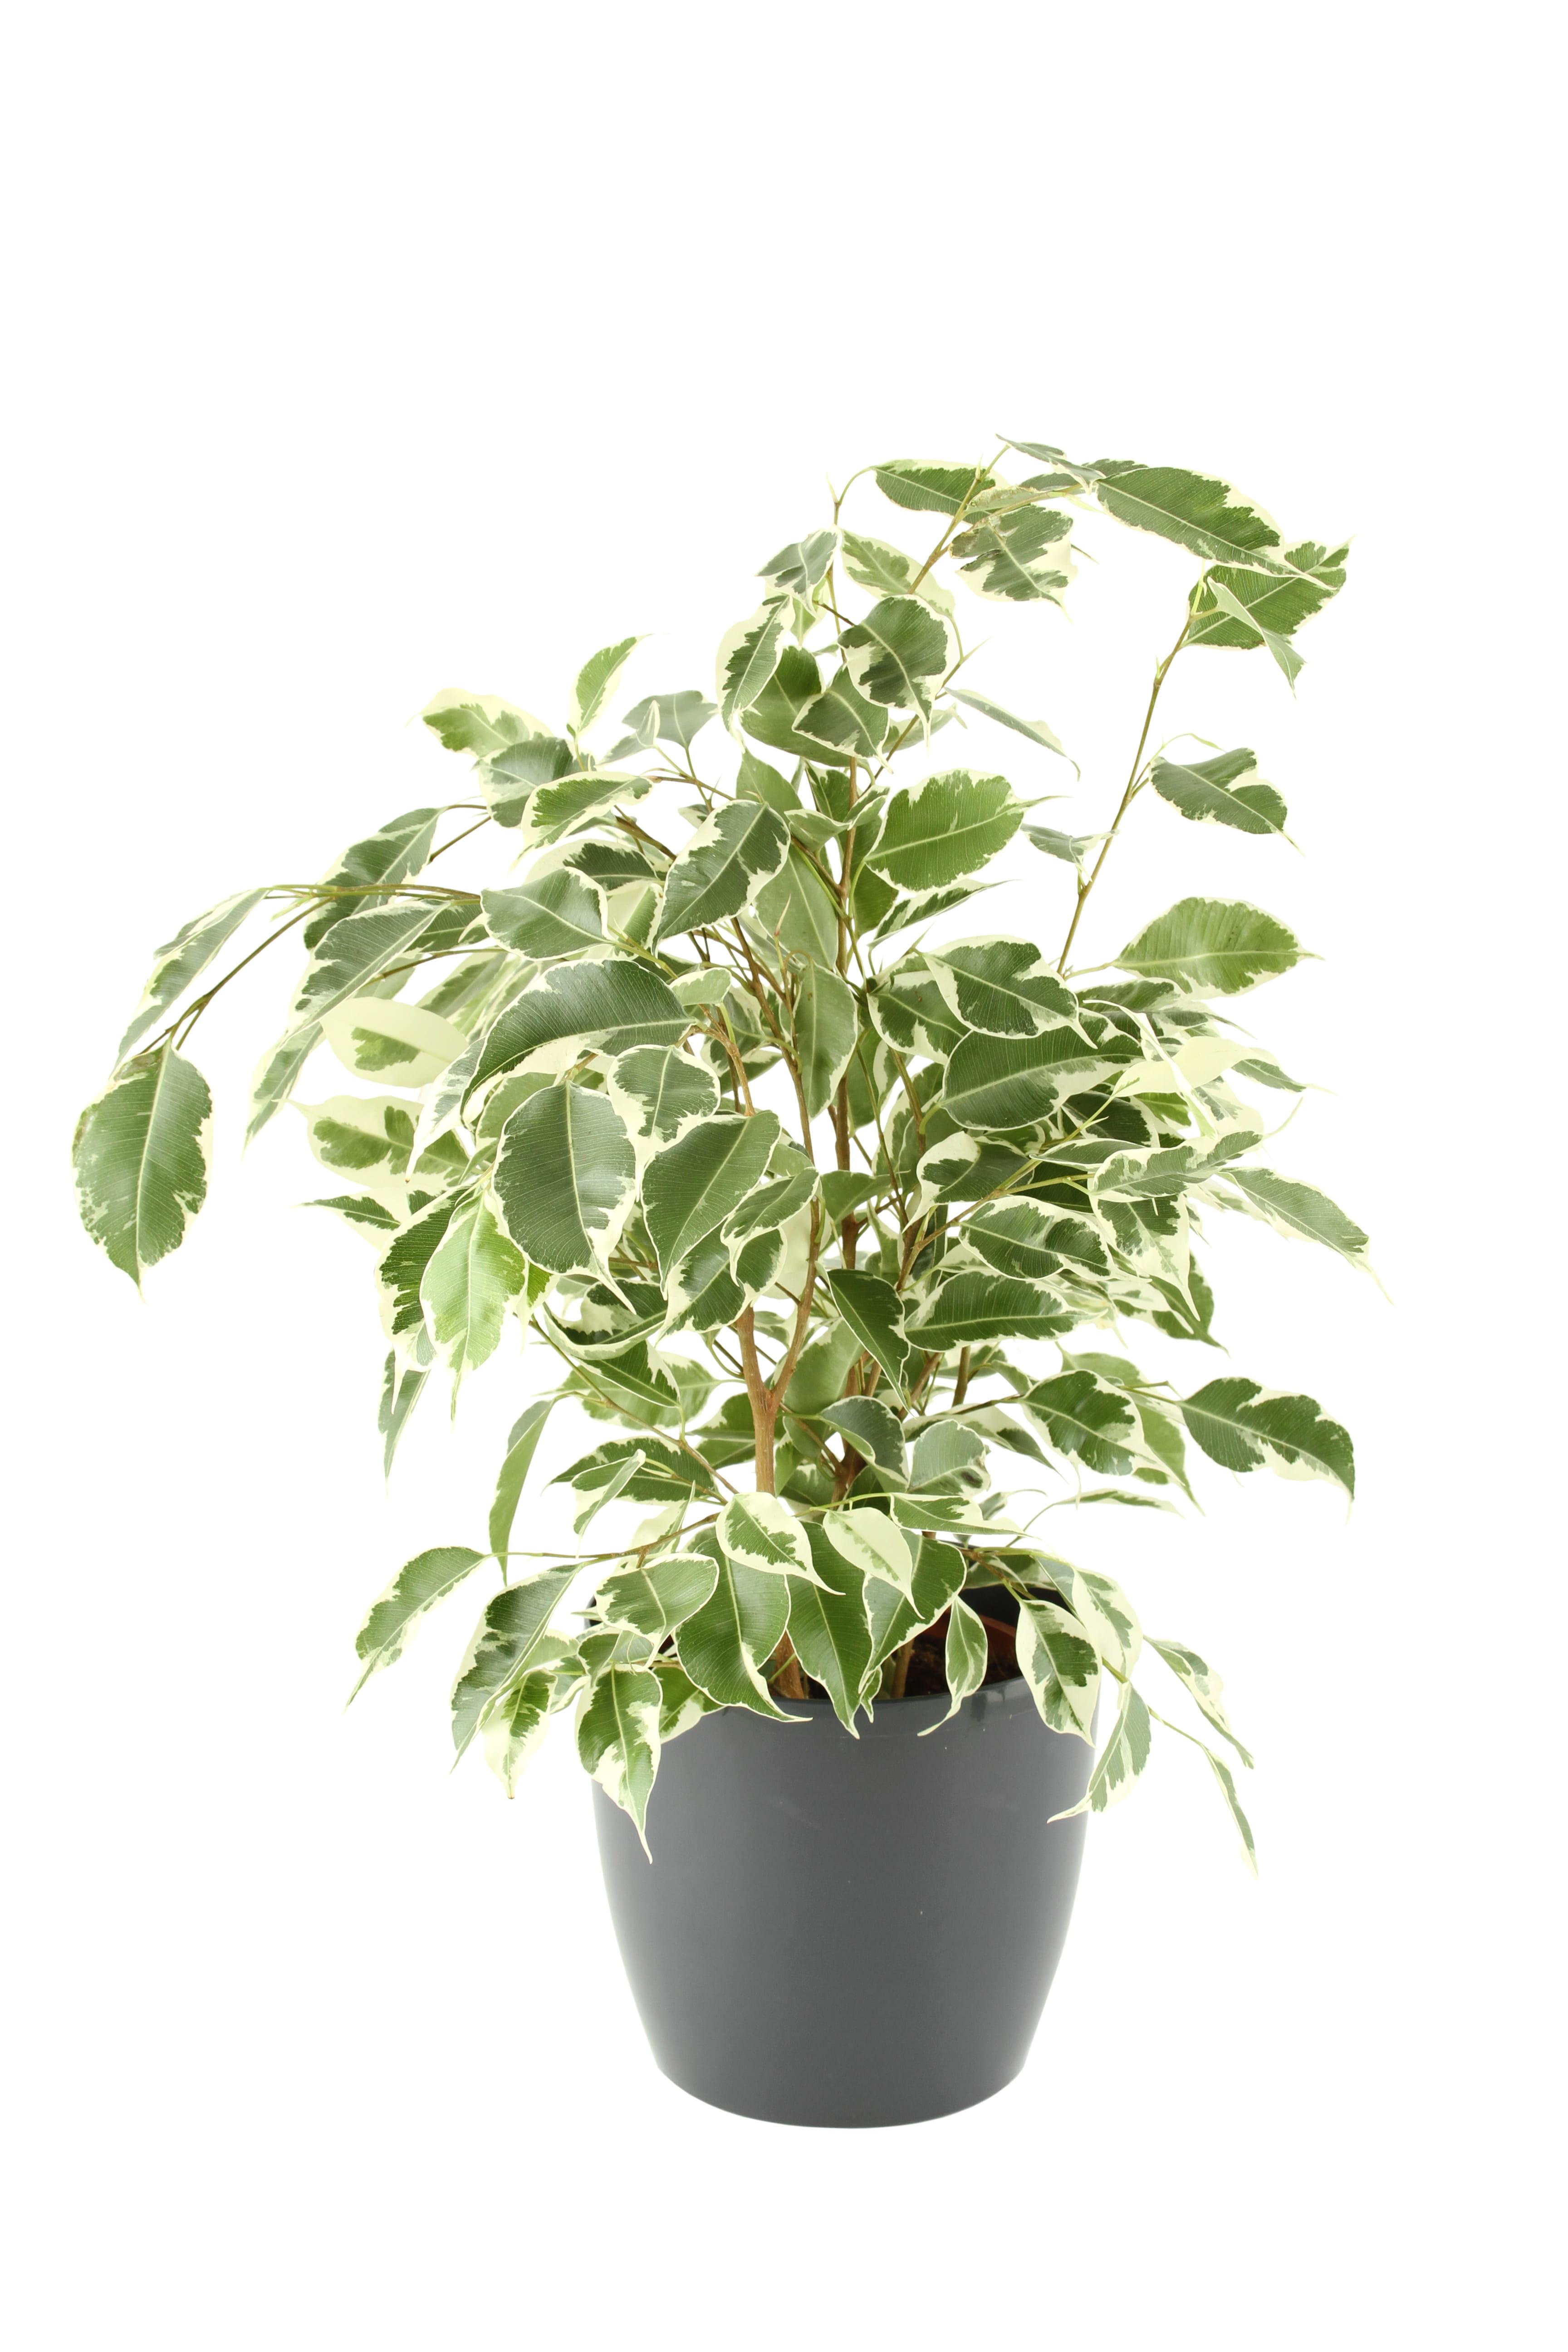 Plectranthus en pot : 10 plantes dintérieur à suspendre - Journal ...